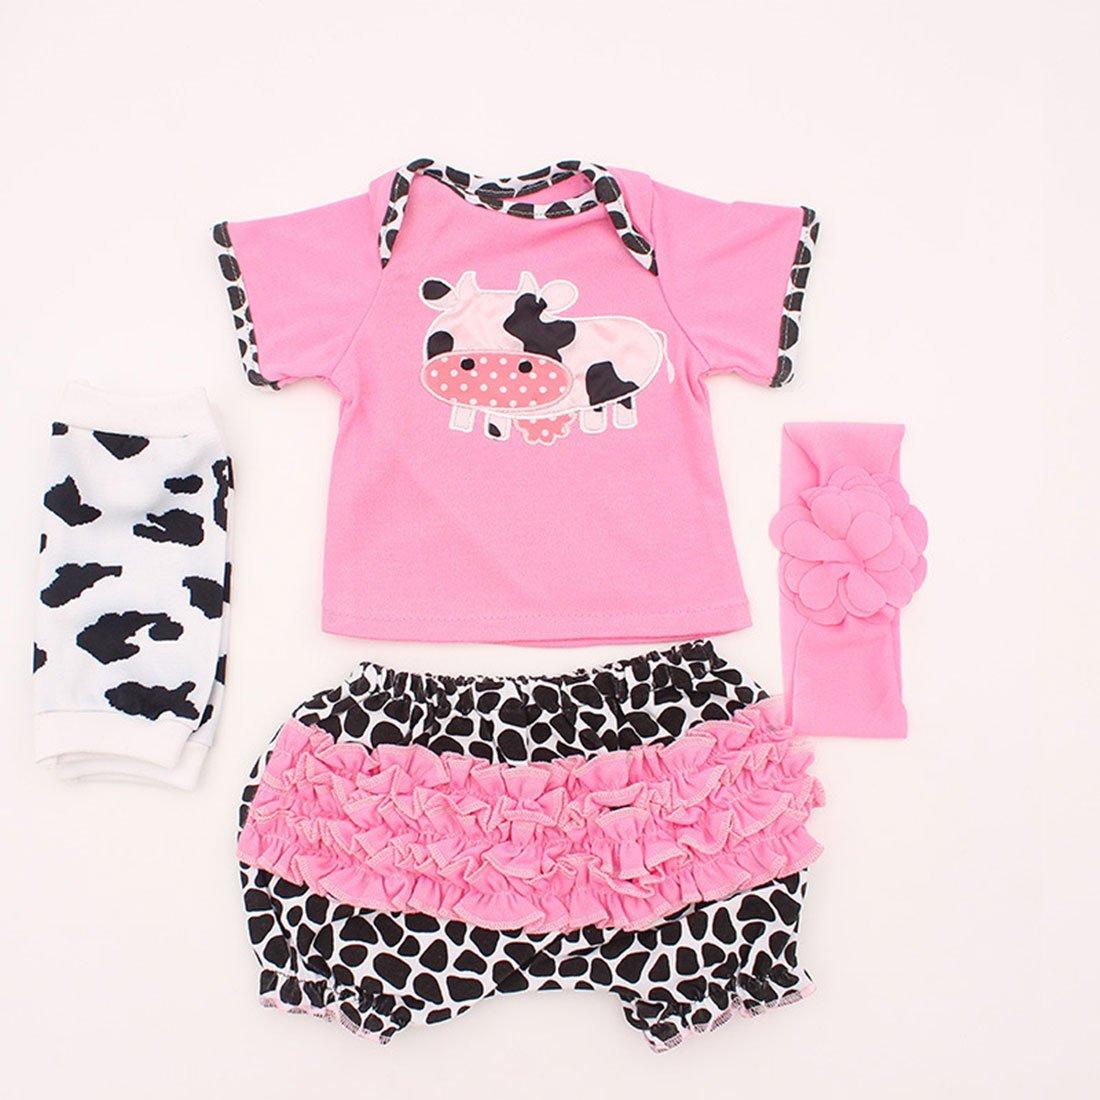 Vêtement Convient pour Les Vêtements de Poupée de 20-22 Pouces, Bébé Reborn Baby Doll - 4 en 1 Vêtements